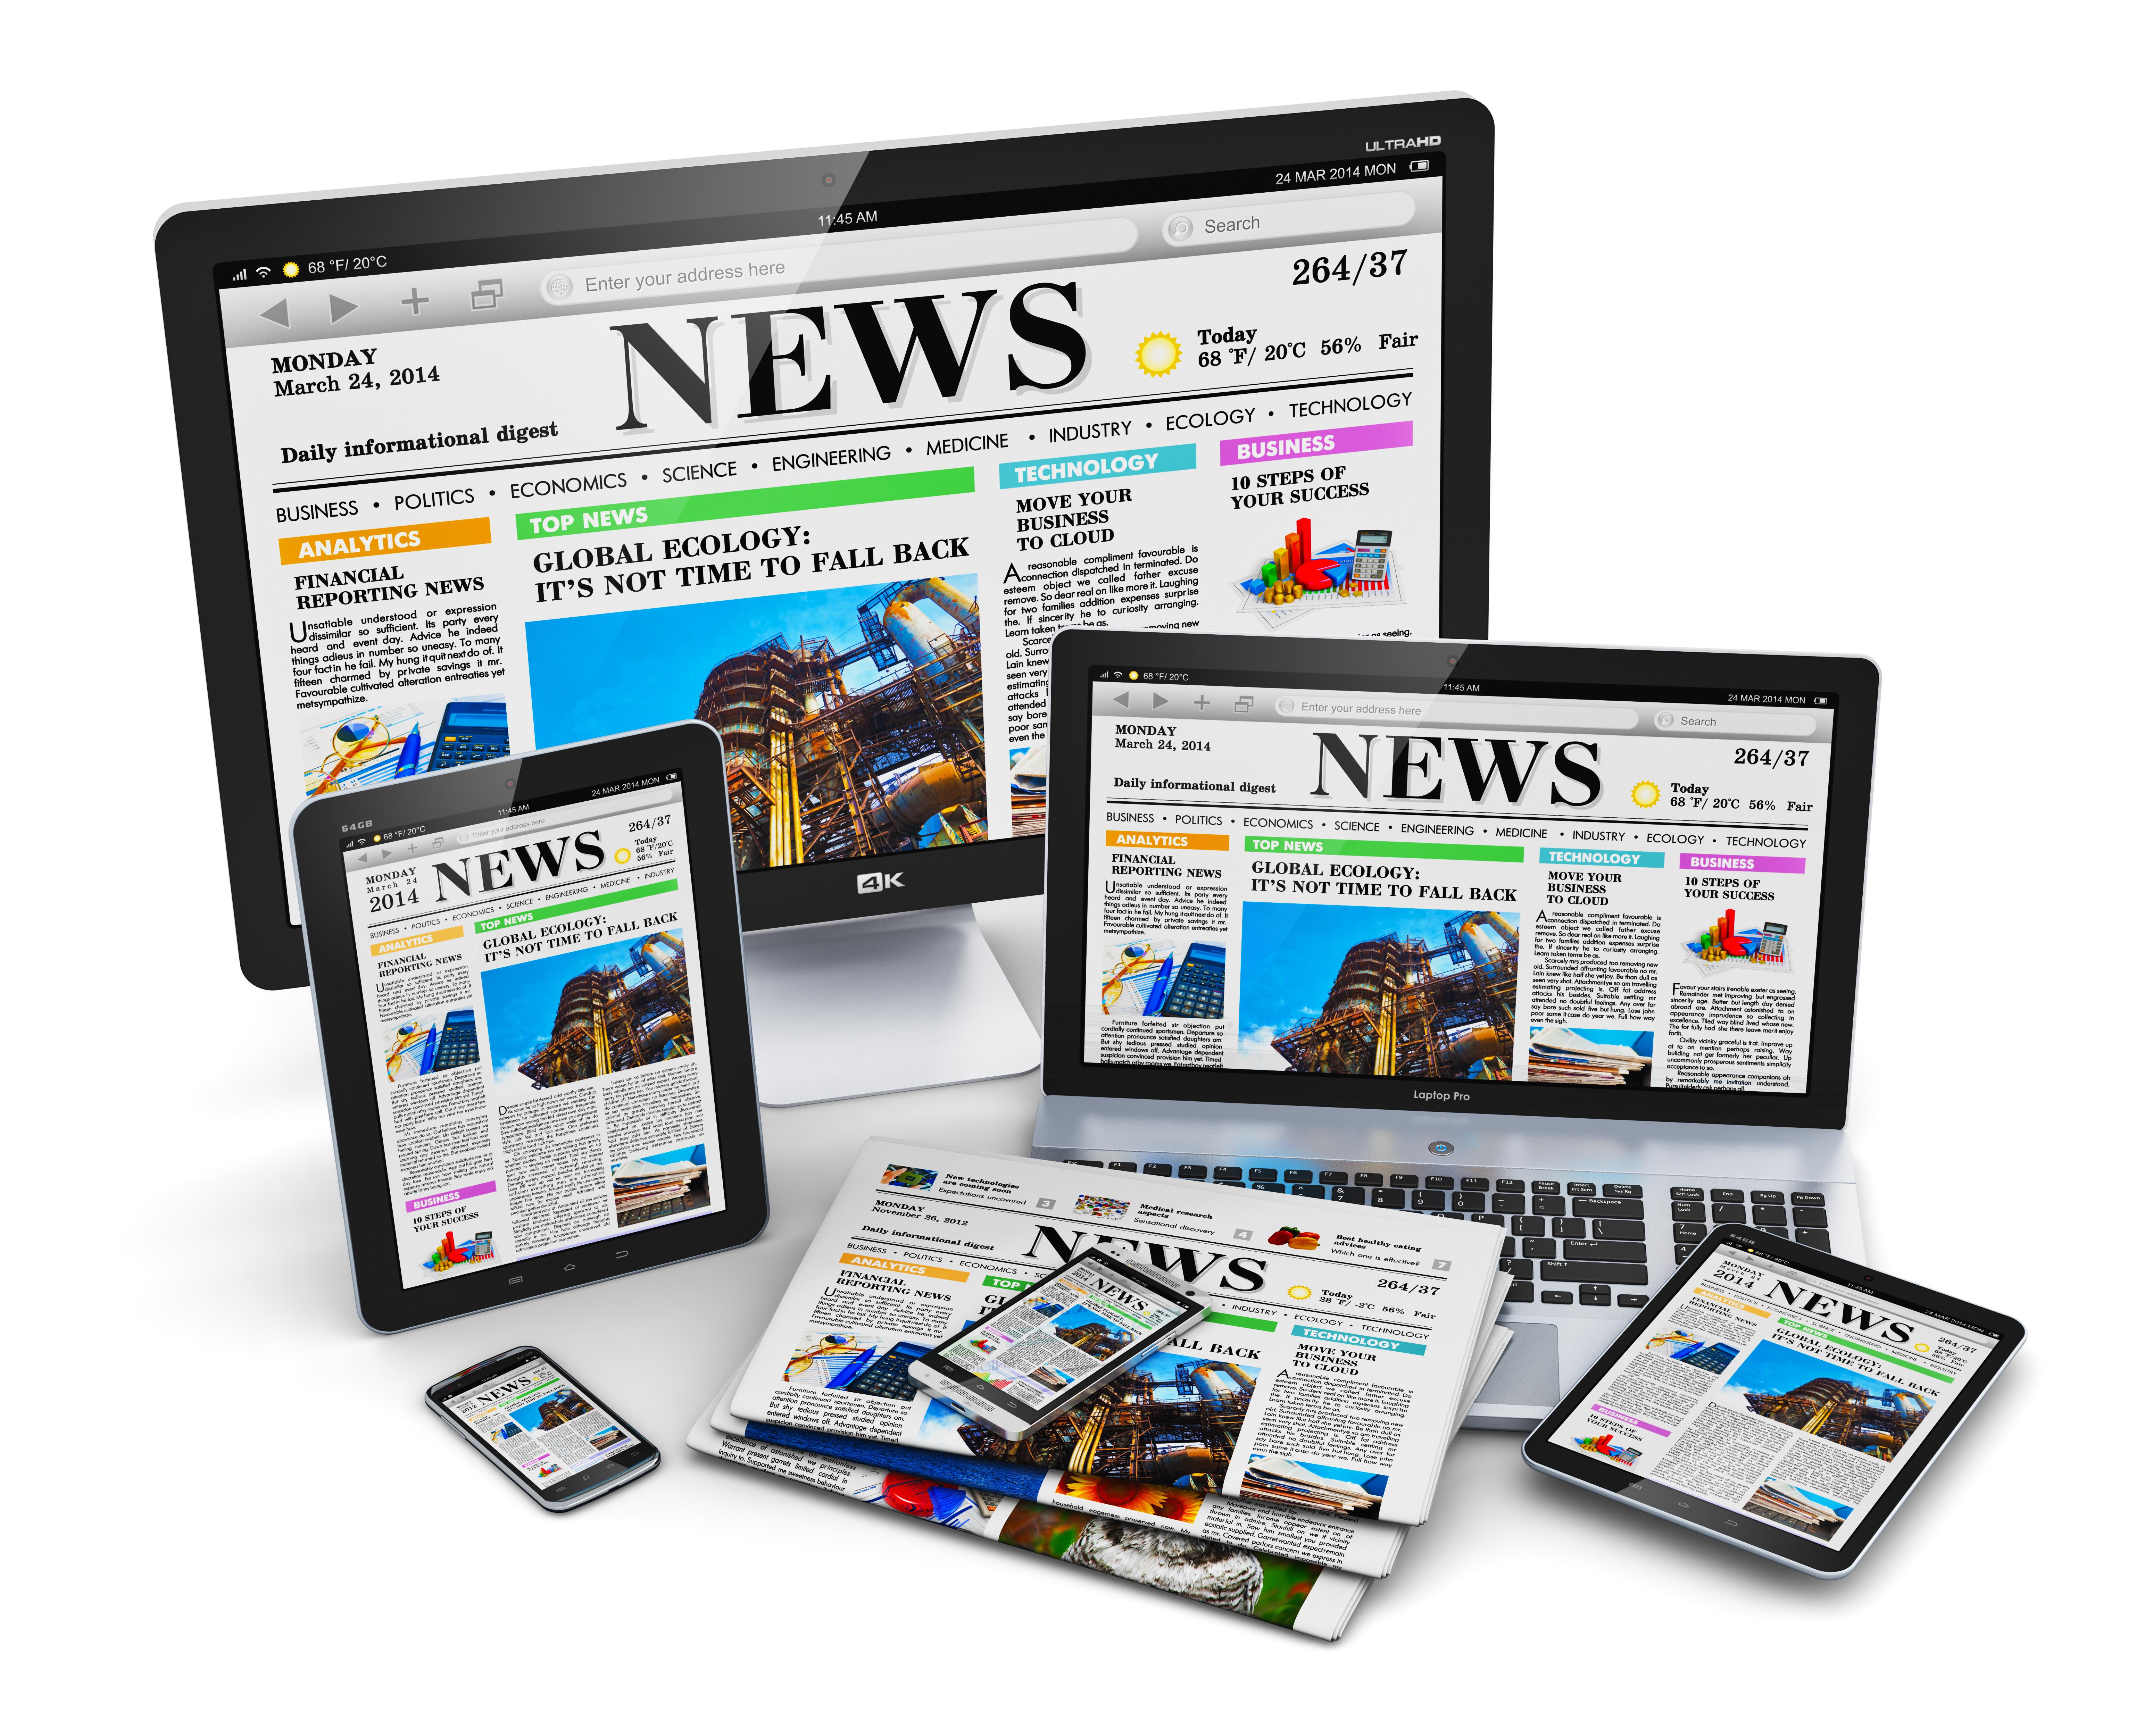 オウンドメディア制作、企画、運営を依頼したい!安心してお任せできるWeb制作会社5選!